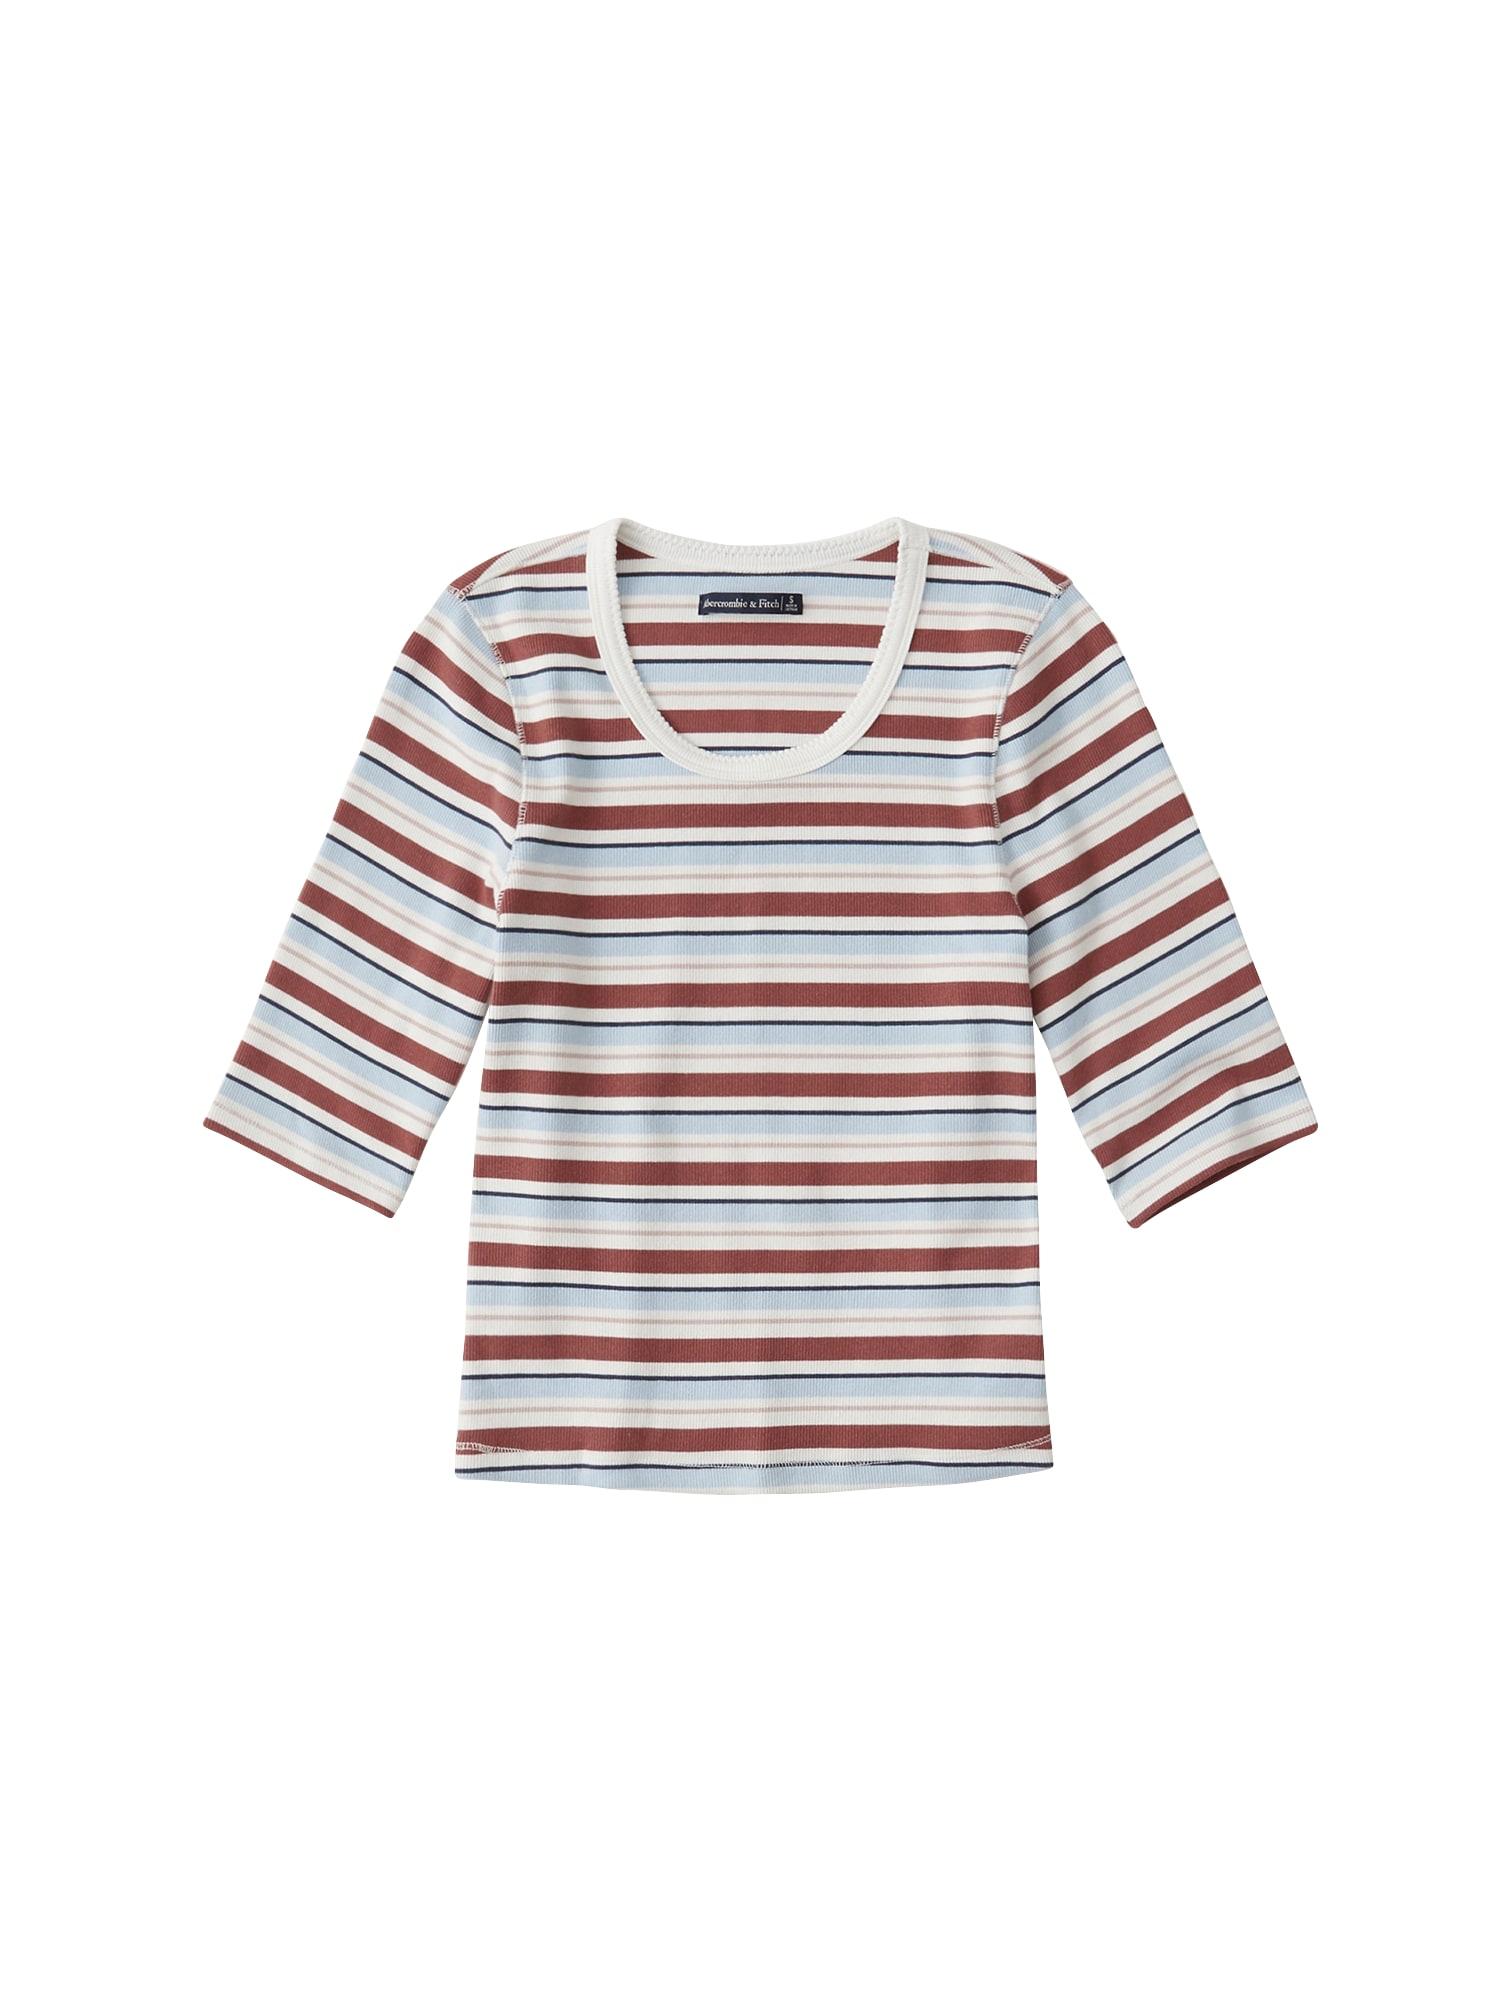 Abercrombie & Fitch Marškinėliai šviesiai mėlyna / vyno raudona spalva / balta